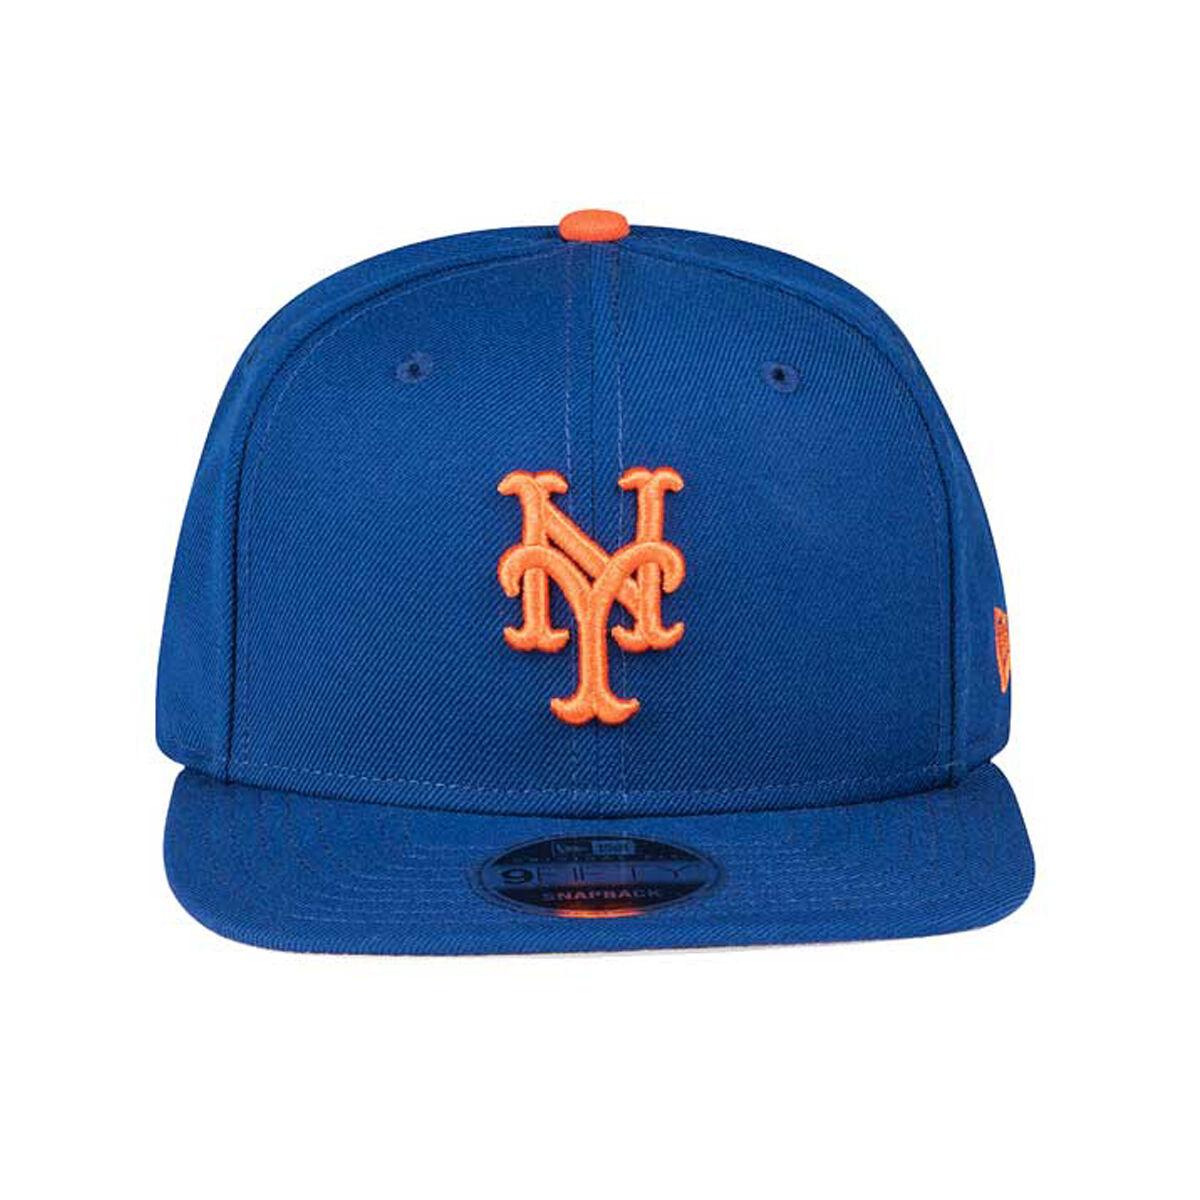 b1ffa96b24e ... wholesale new york mets new era 9fifty team mix up cap rebelhi res  b8a3b d1f62